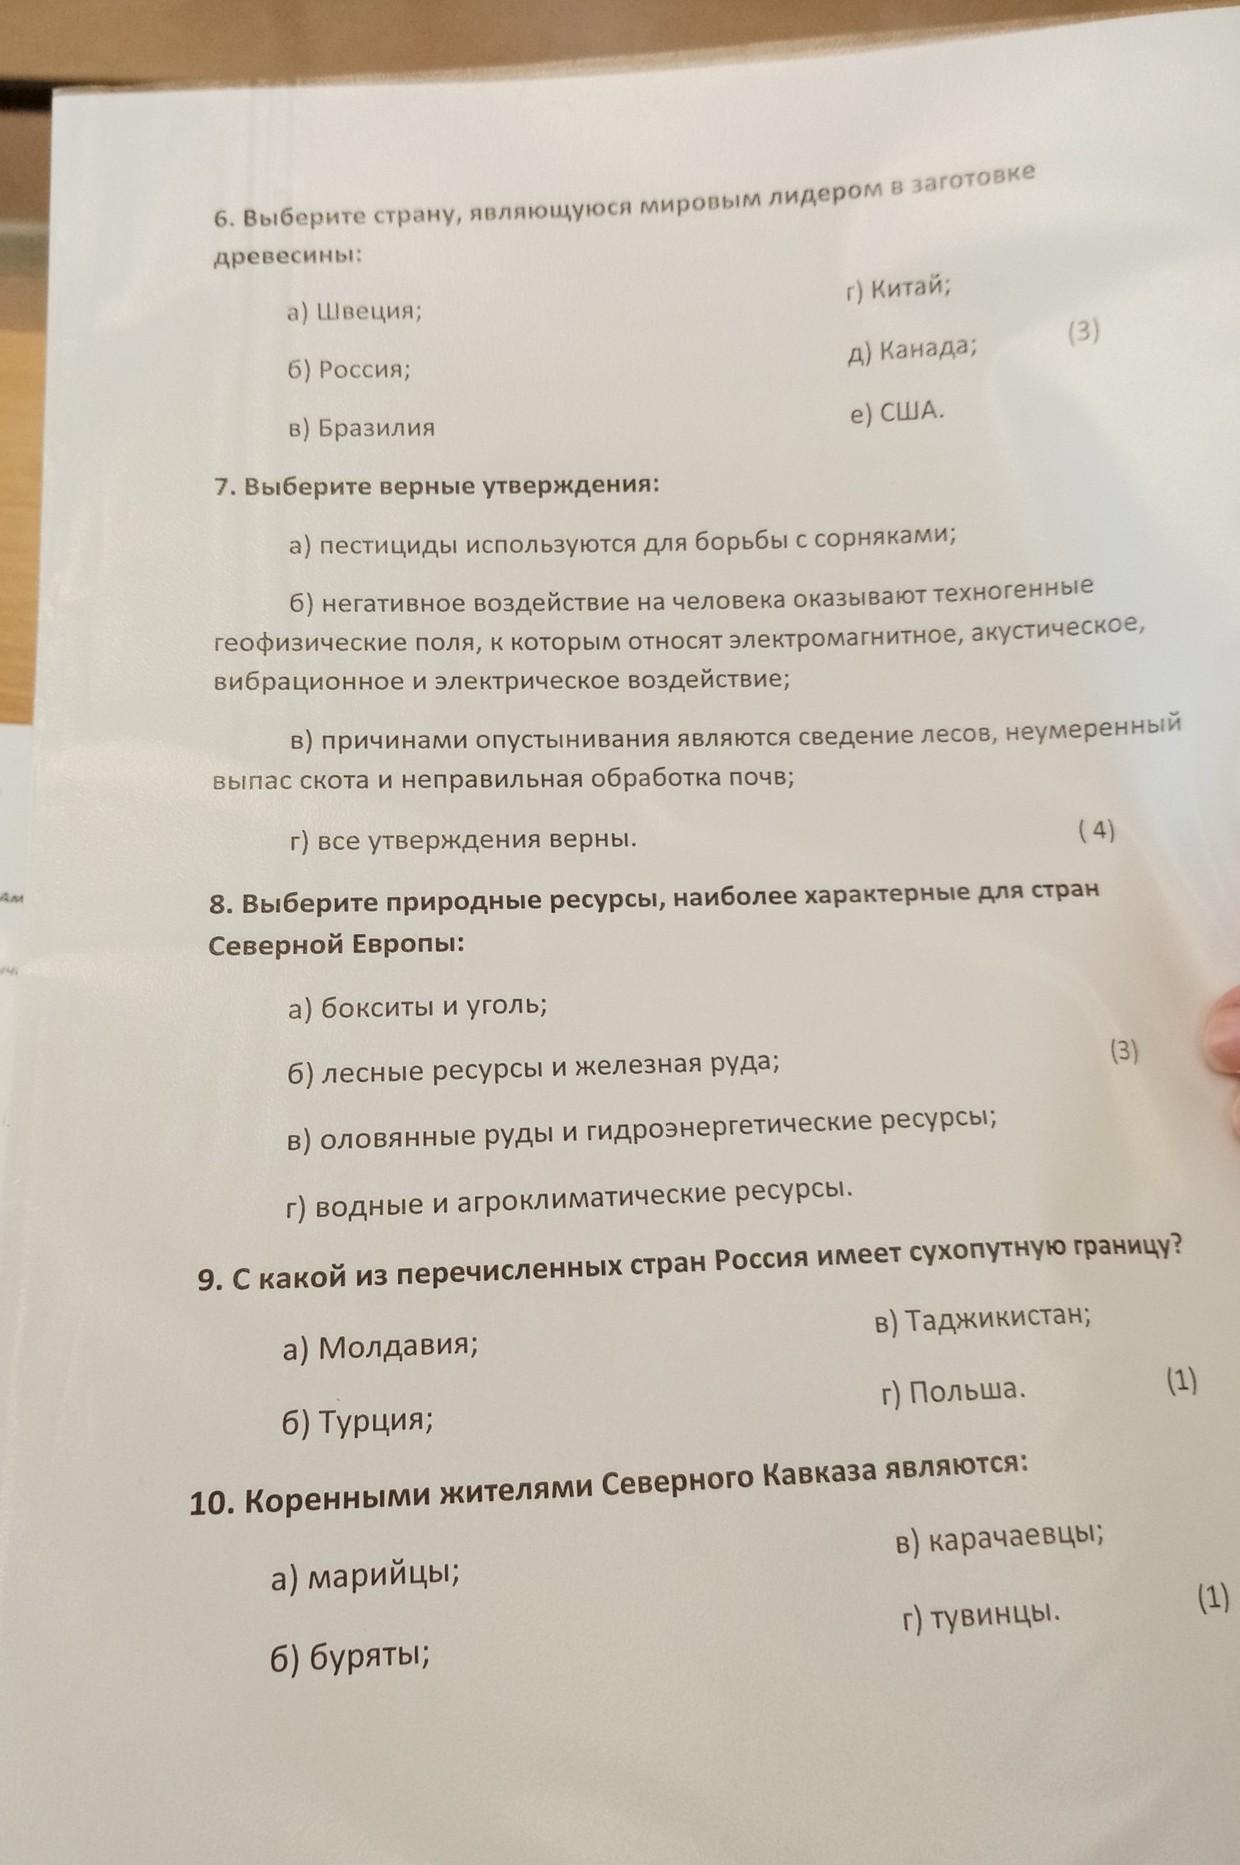 Тест по географии!!!)))) спасите